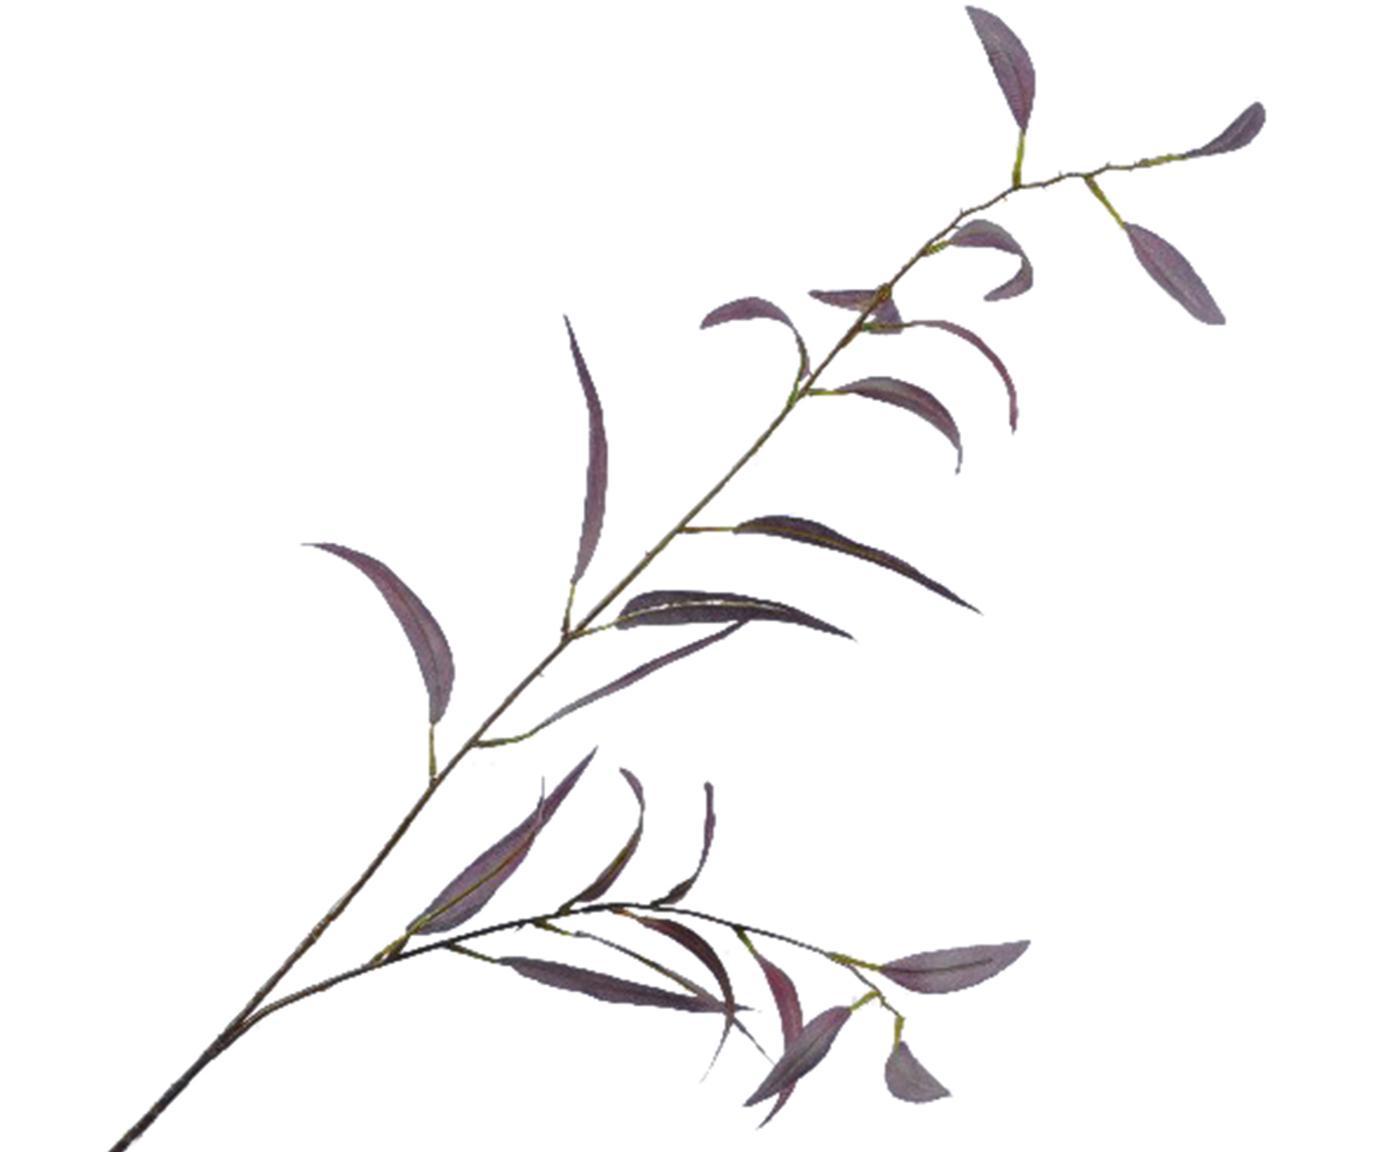 Flor artificial eucalipto Lili, Poliéster, plástico, metal, Lila, verde, L 90 cm